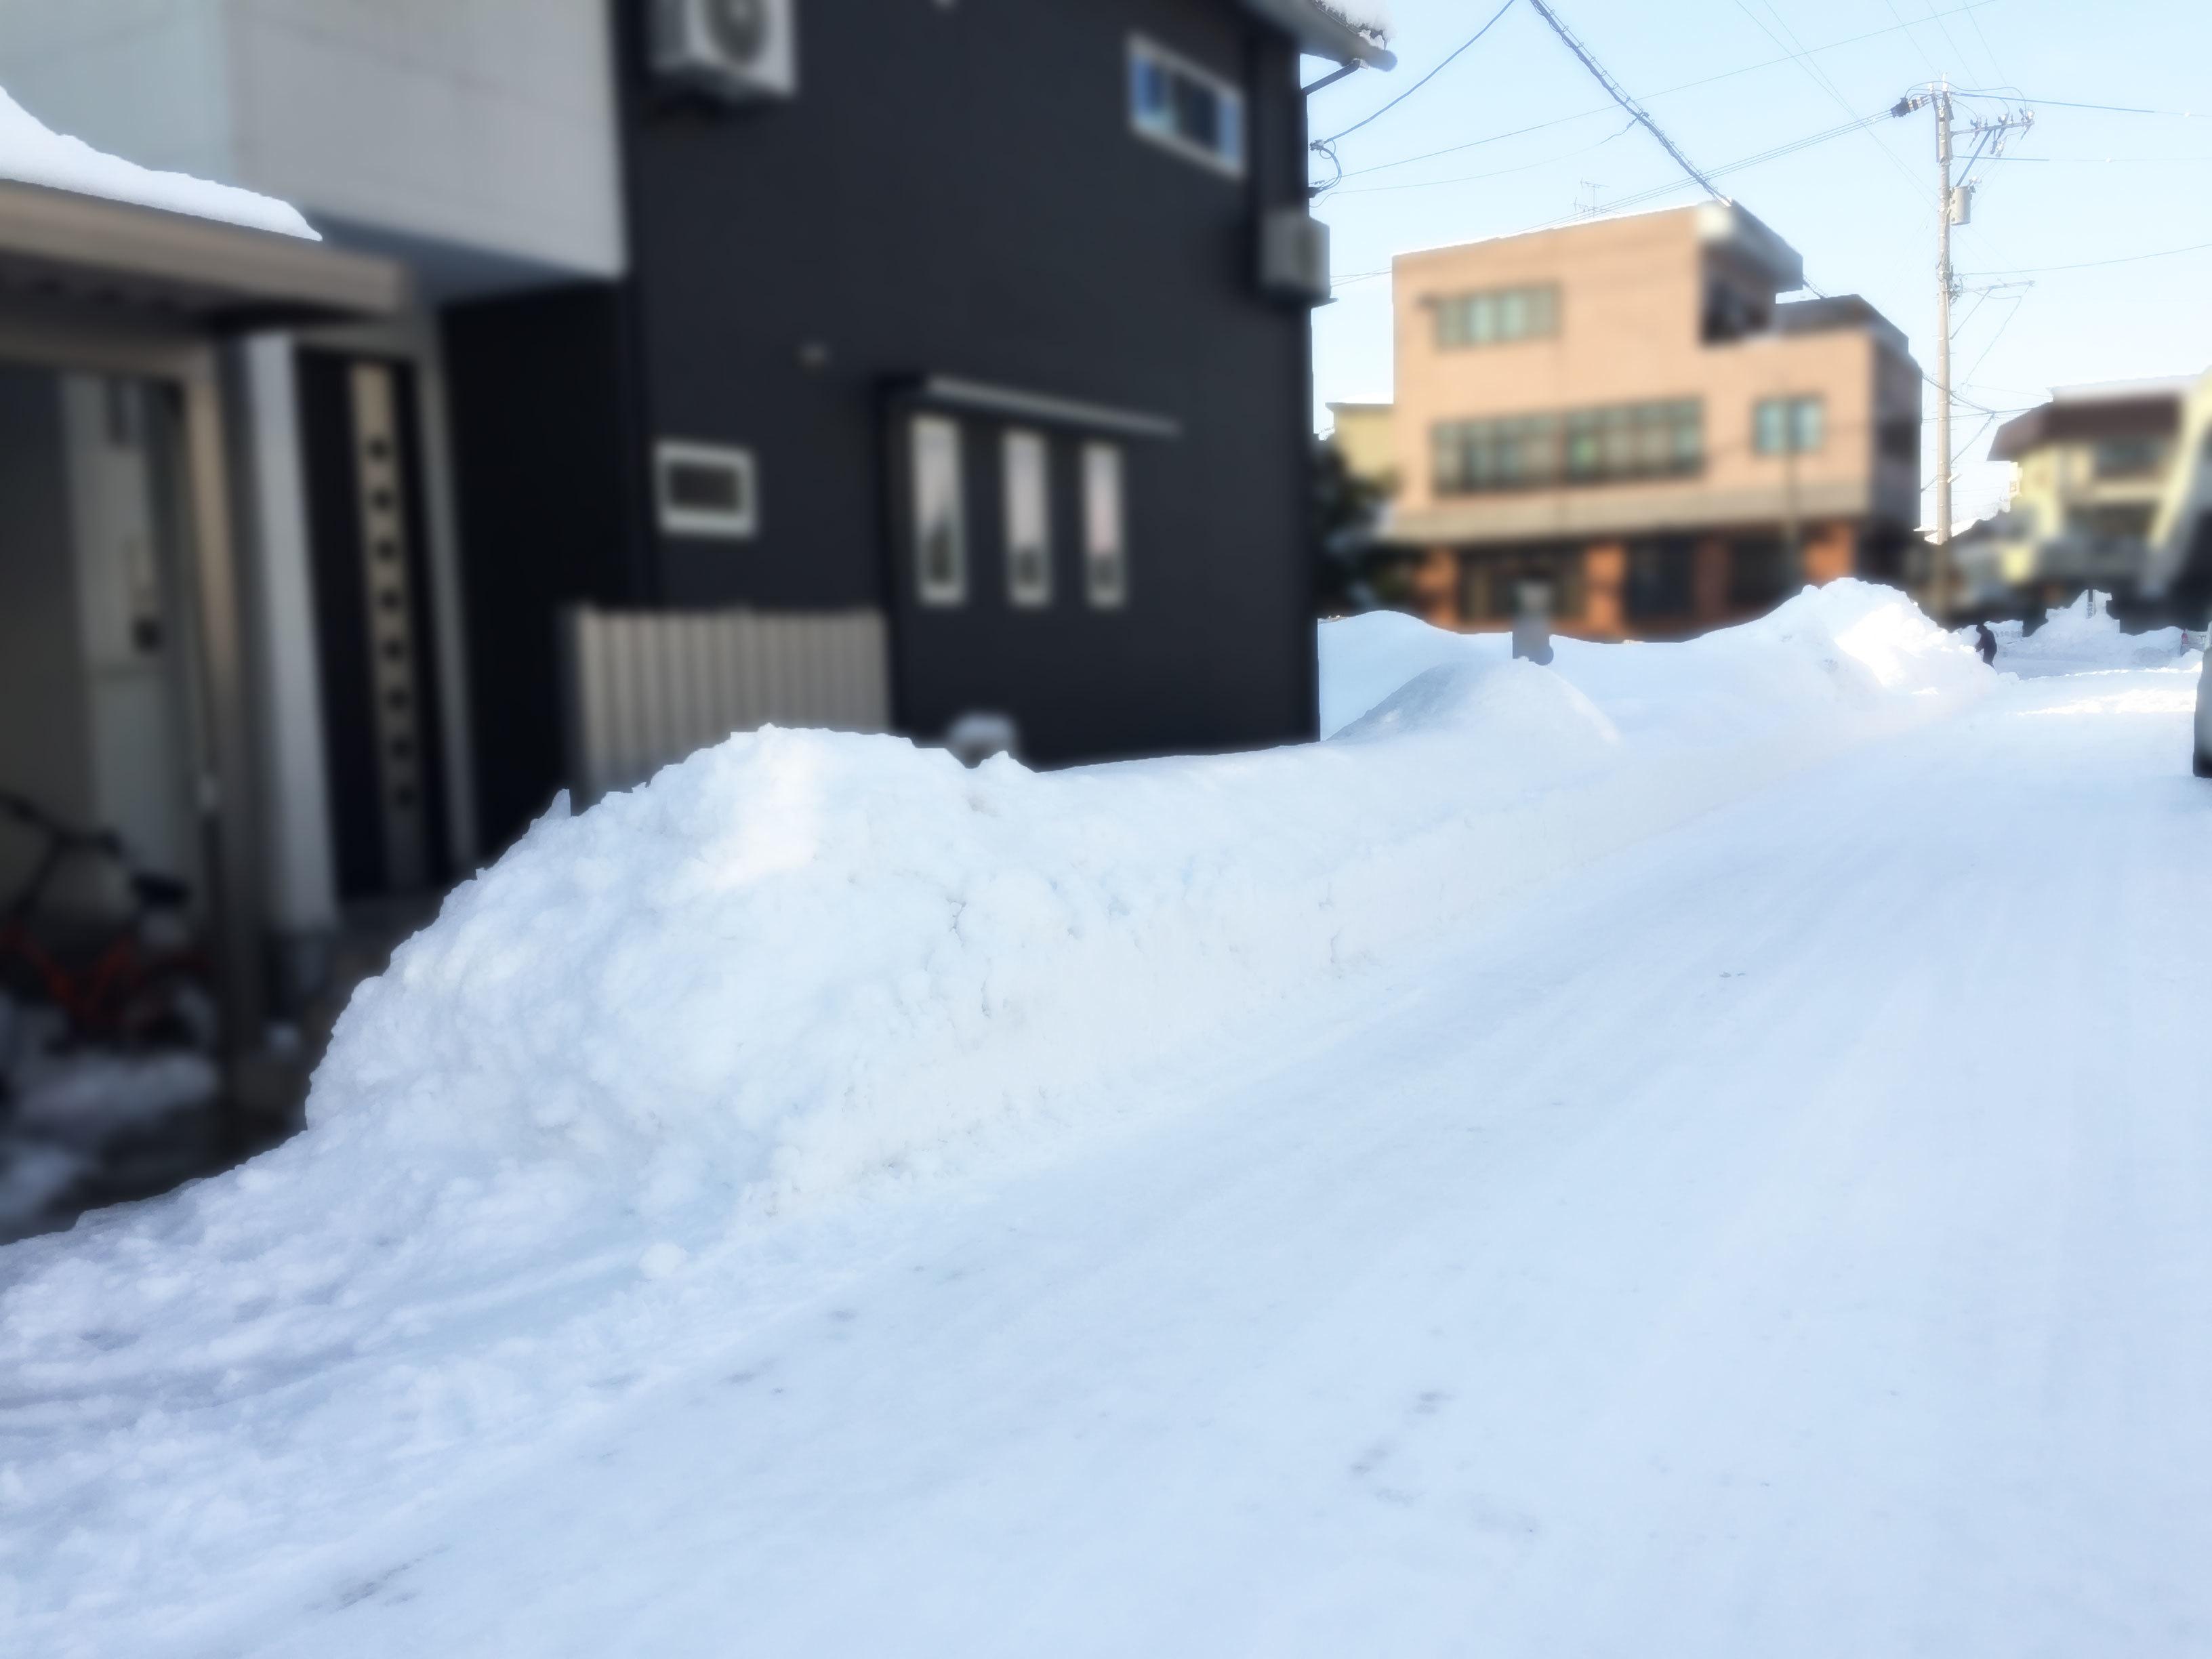 20180226_福井県大雪寒波第4弾_02